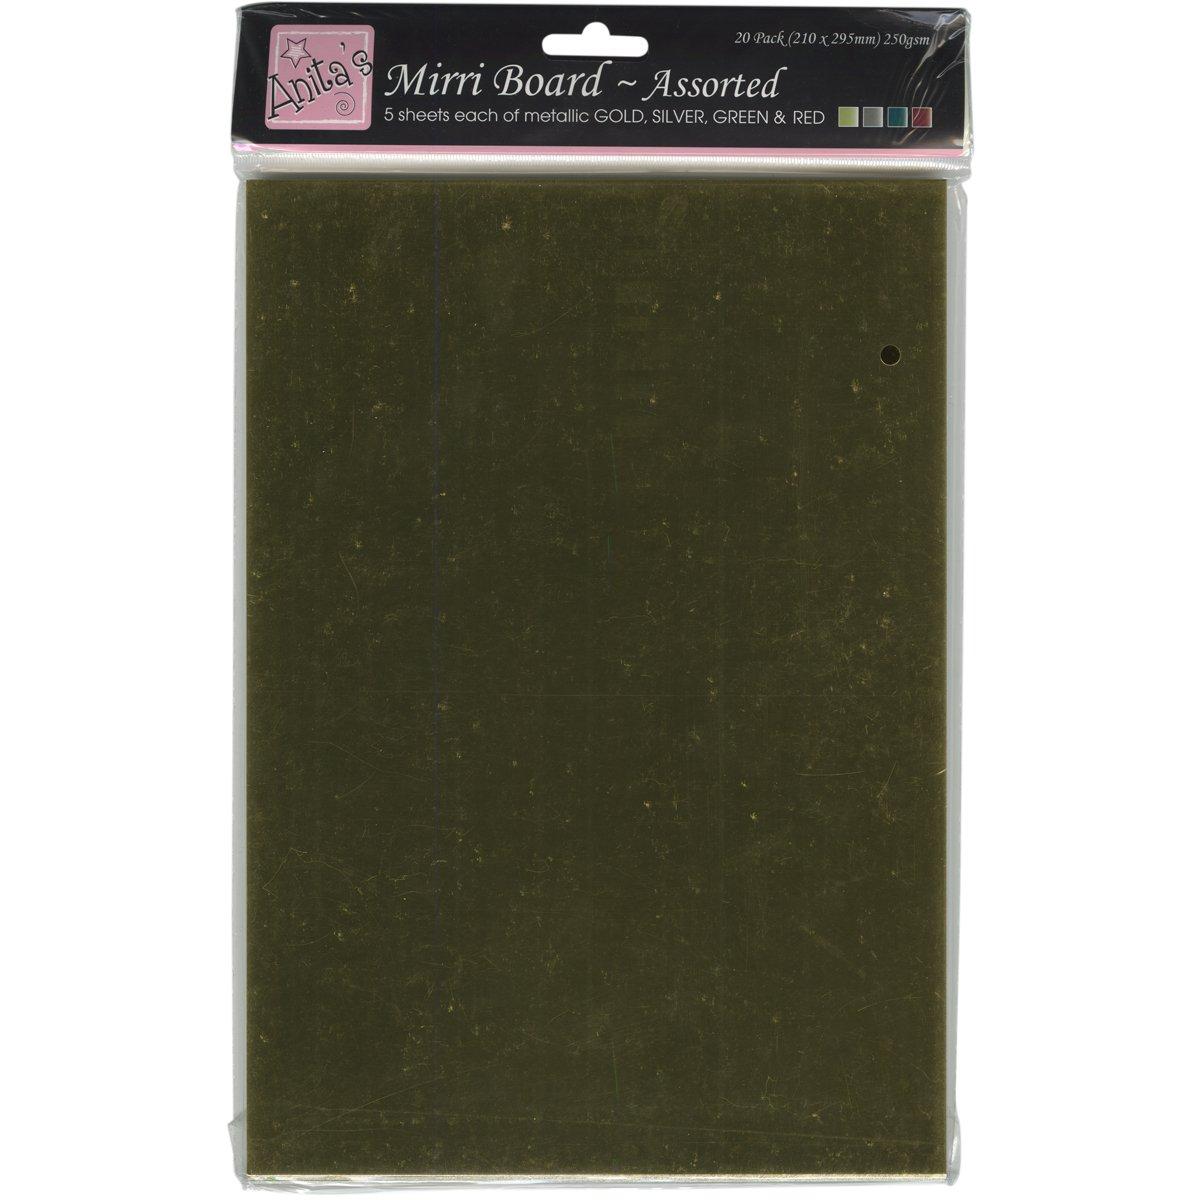 Anitas - Cartoncino lucido, grammatura 250, 20 fogli A4, colori assortiti (oro, argento, verde, rosso) docrafts A1641003